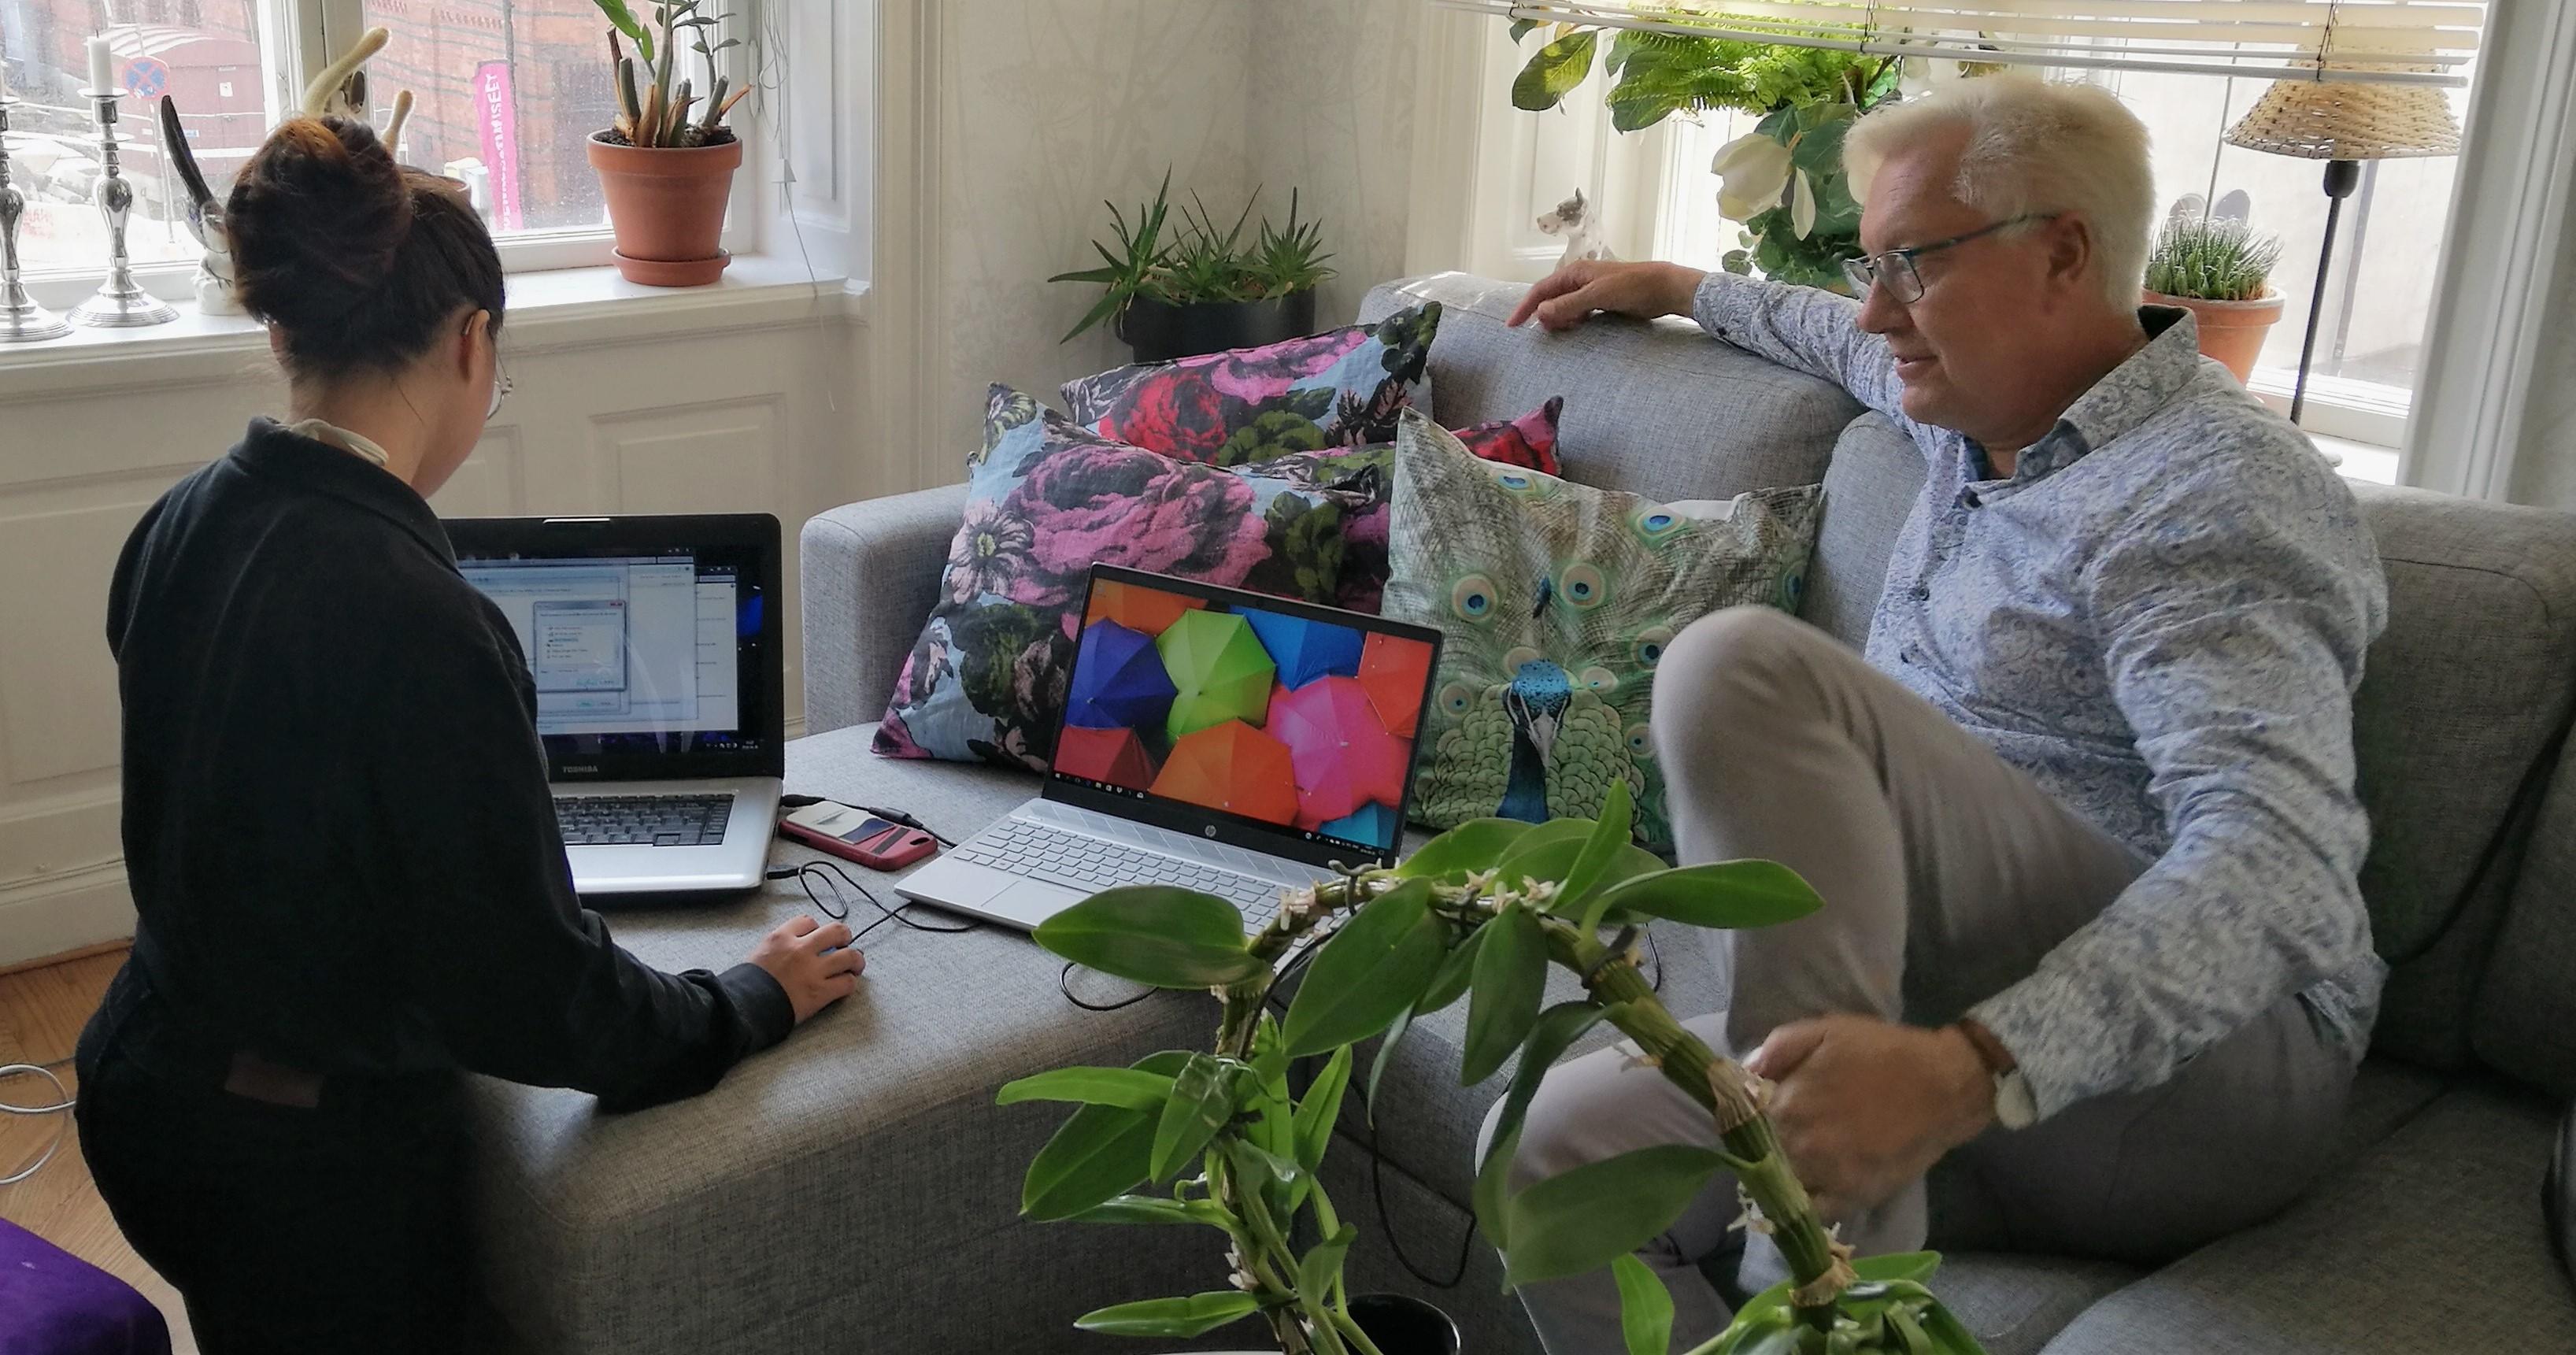 Lars Åke Wilhelmsson sitter i en soffa och tittar på med en tekniker fixar hans dator.